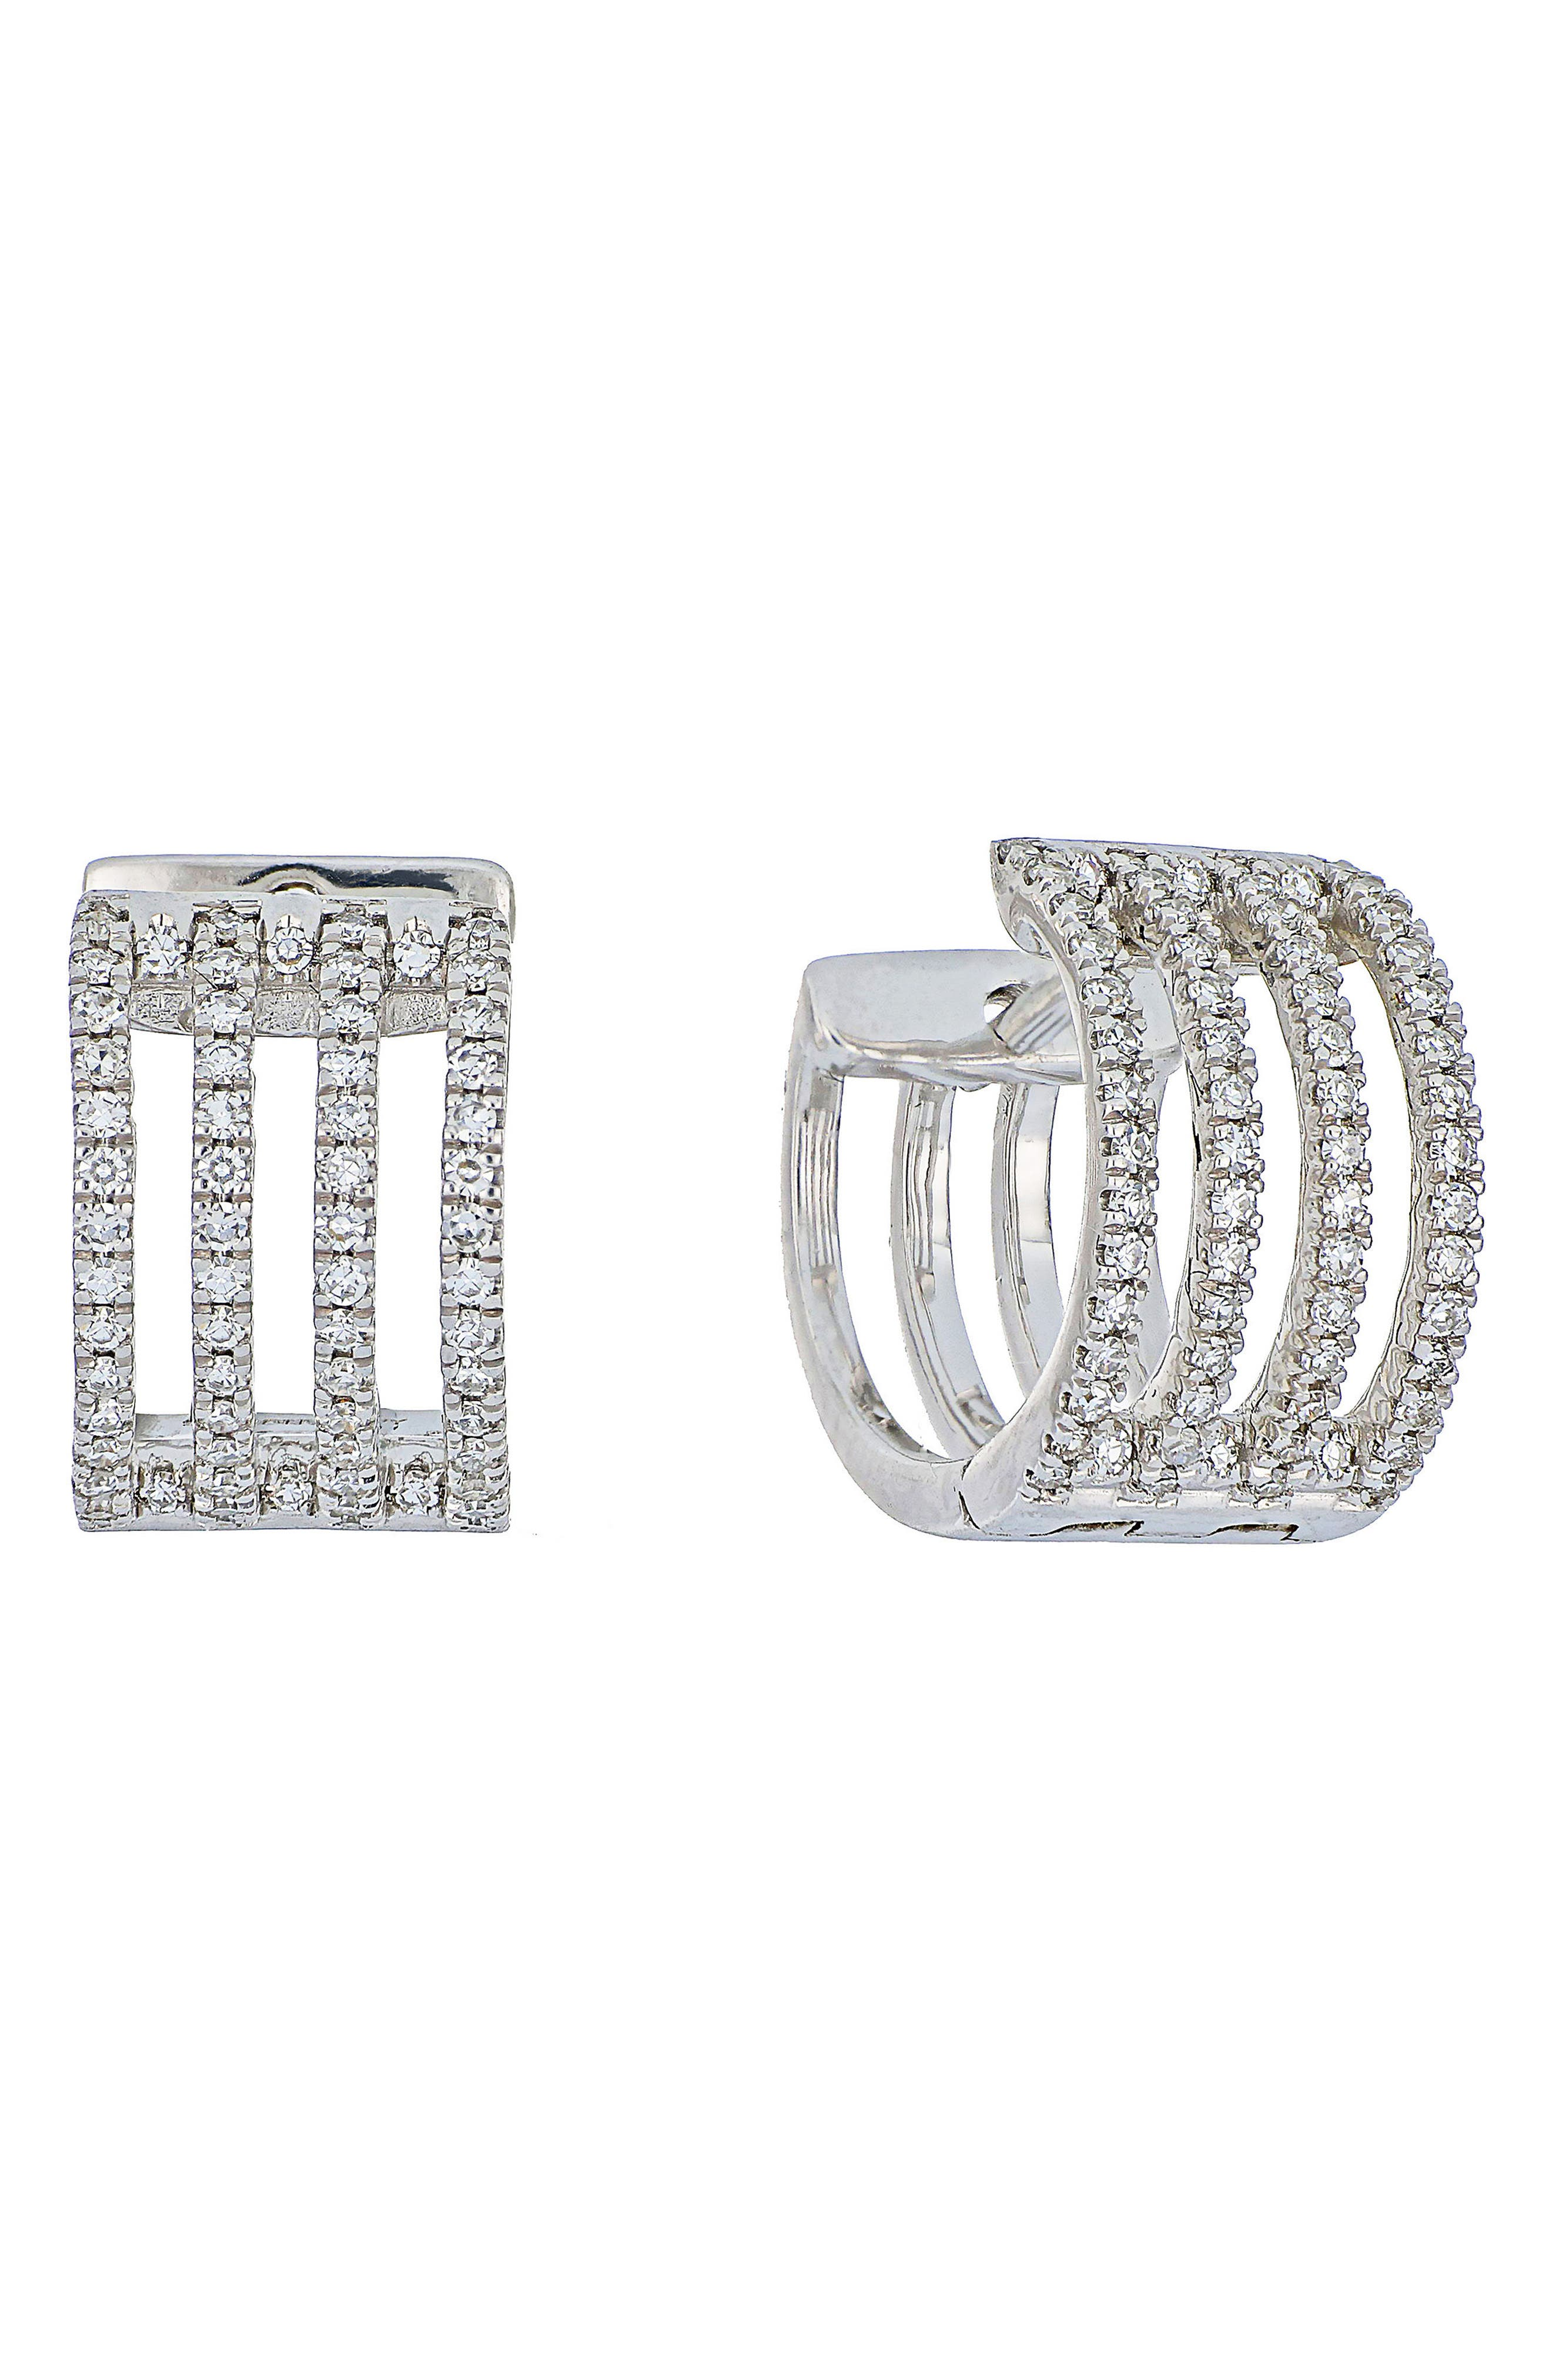 Carrière Four-Row Diamond Hoop Earrings,                             Main thumbnail 1, color,                             Silver/ Diamond